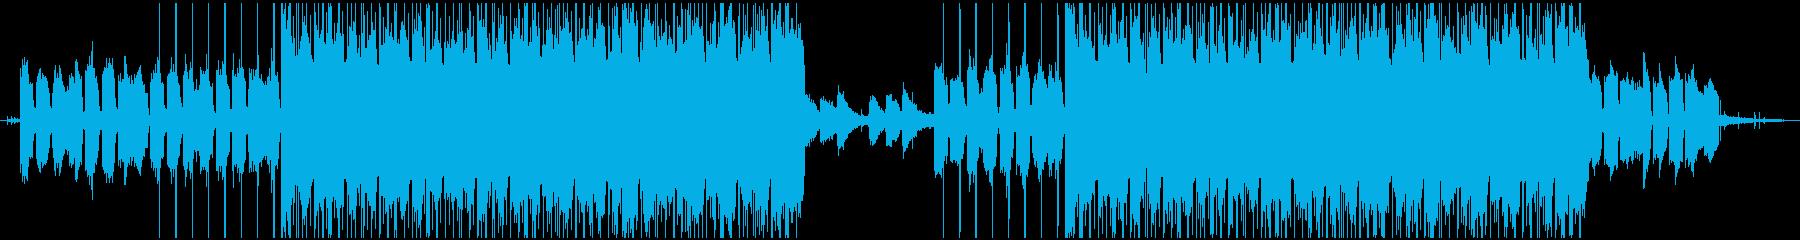 落ち着くLoFi HipHopの再生済みの波形